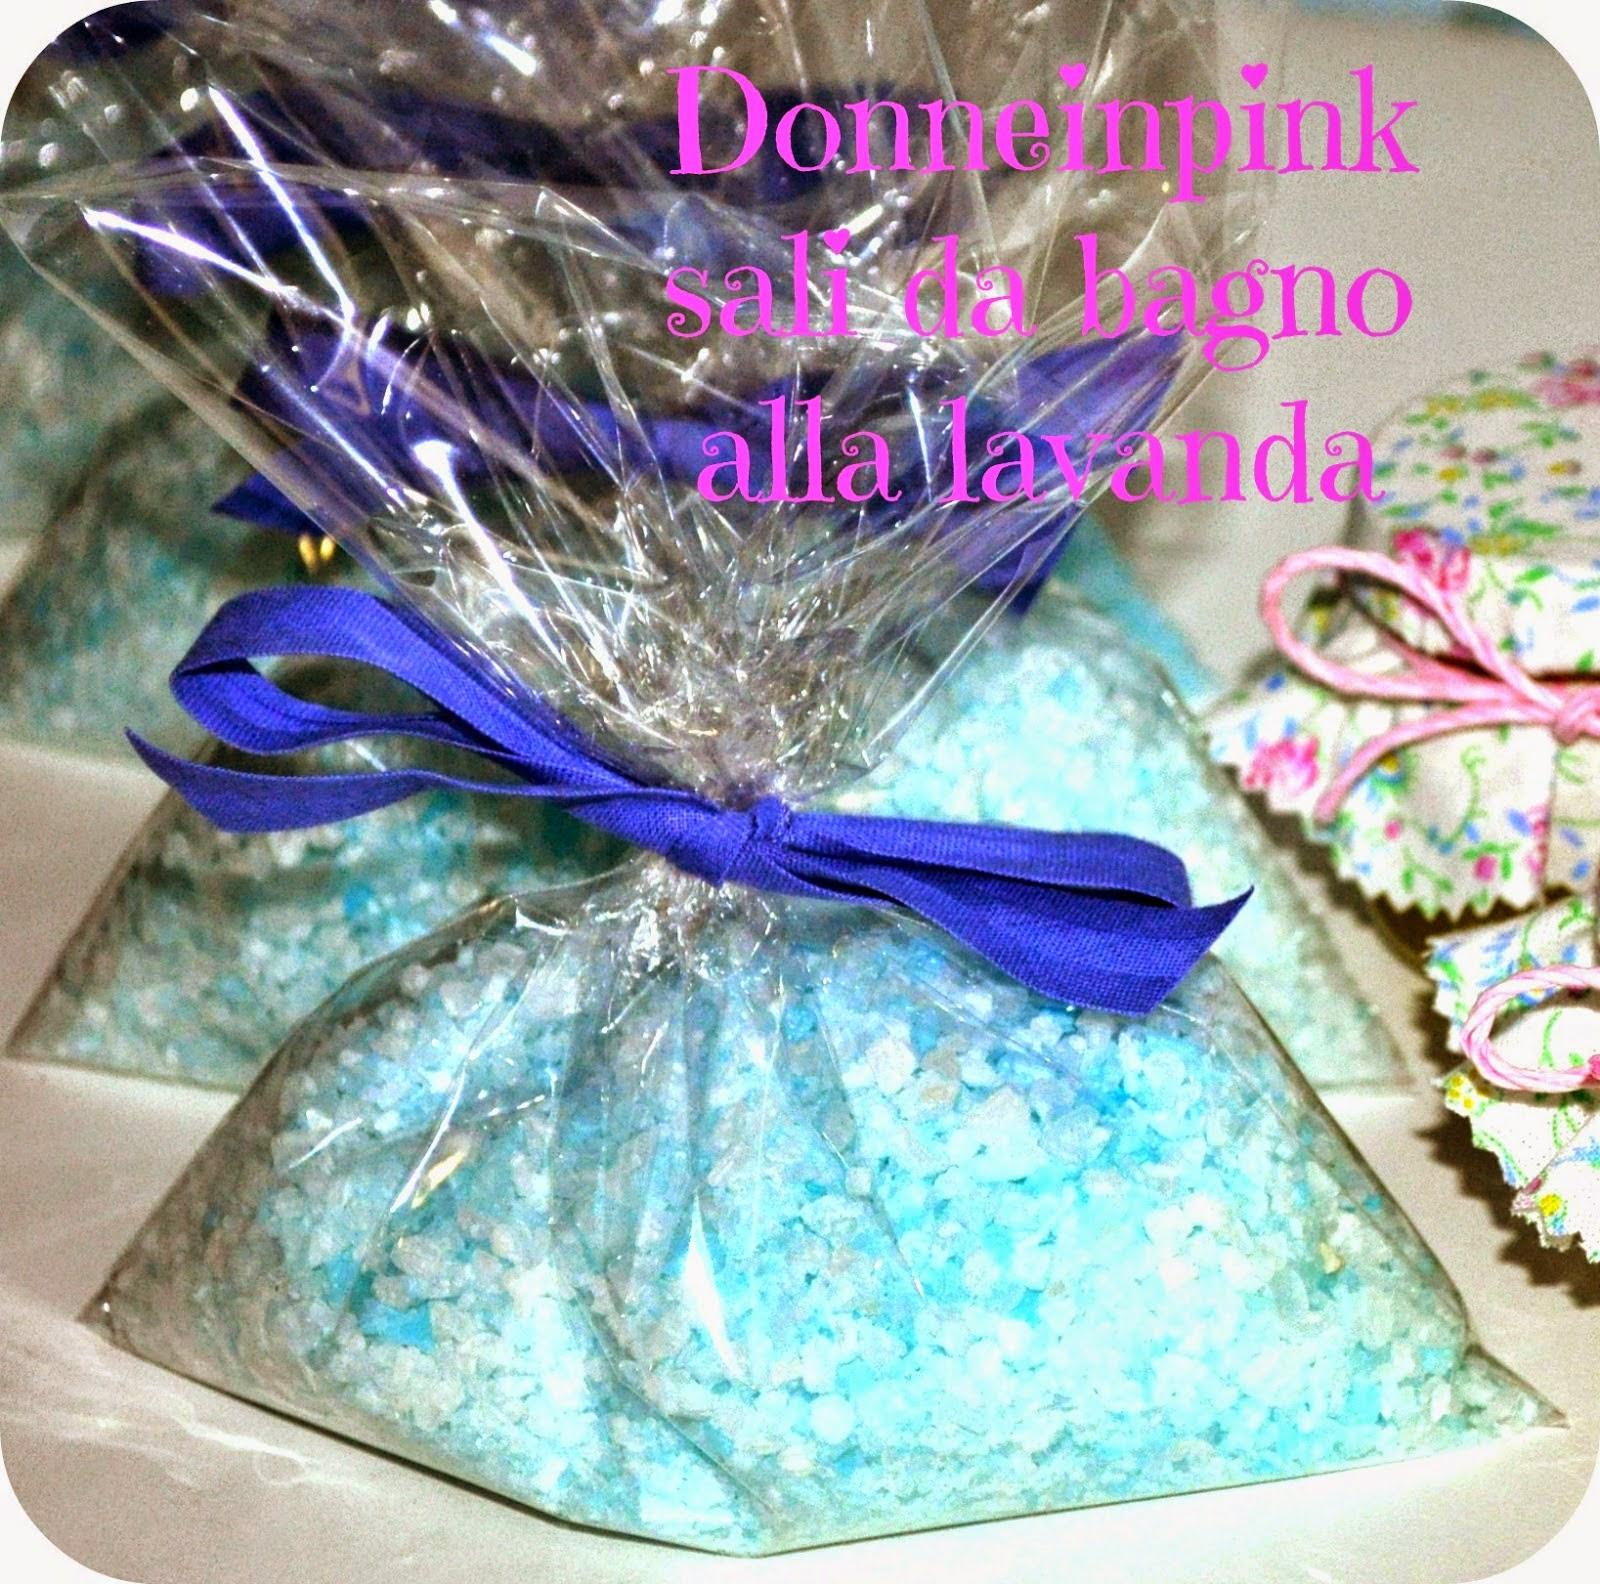 Sali da bagno alla lavanda fai da te - Idea regalo   donneinpink ...